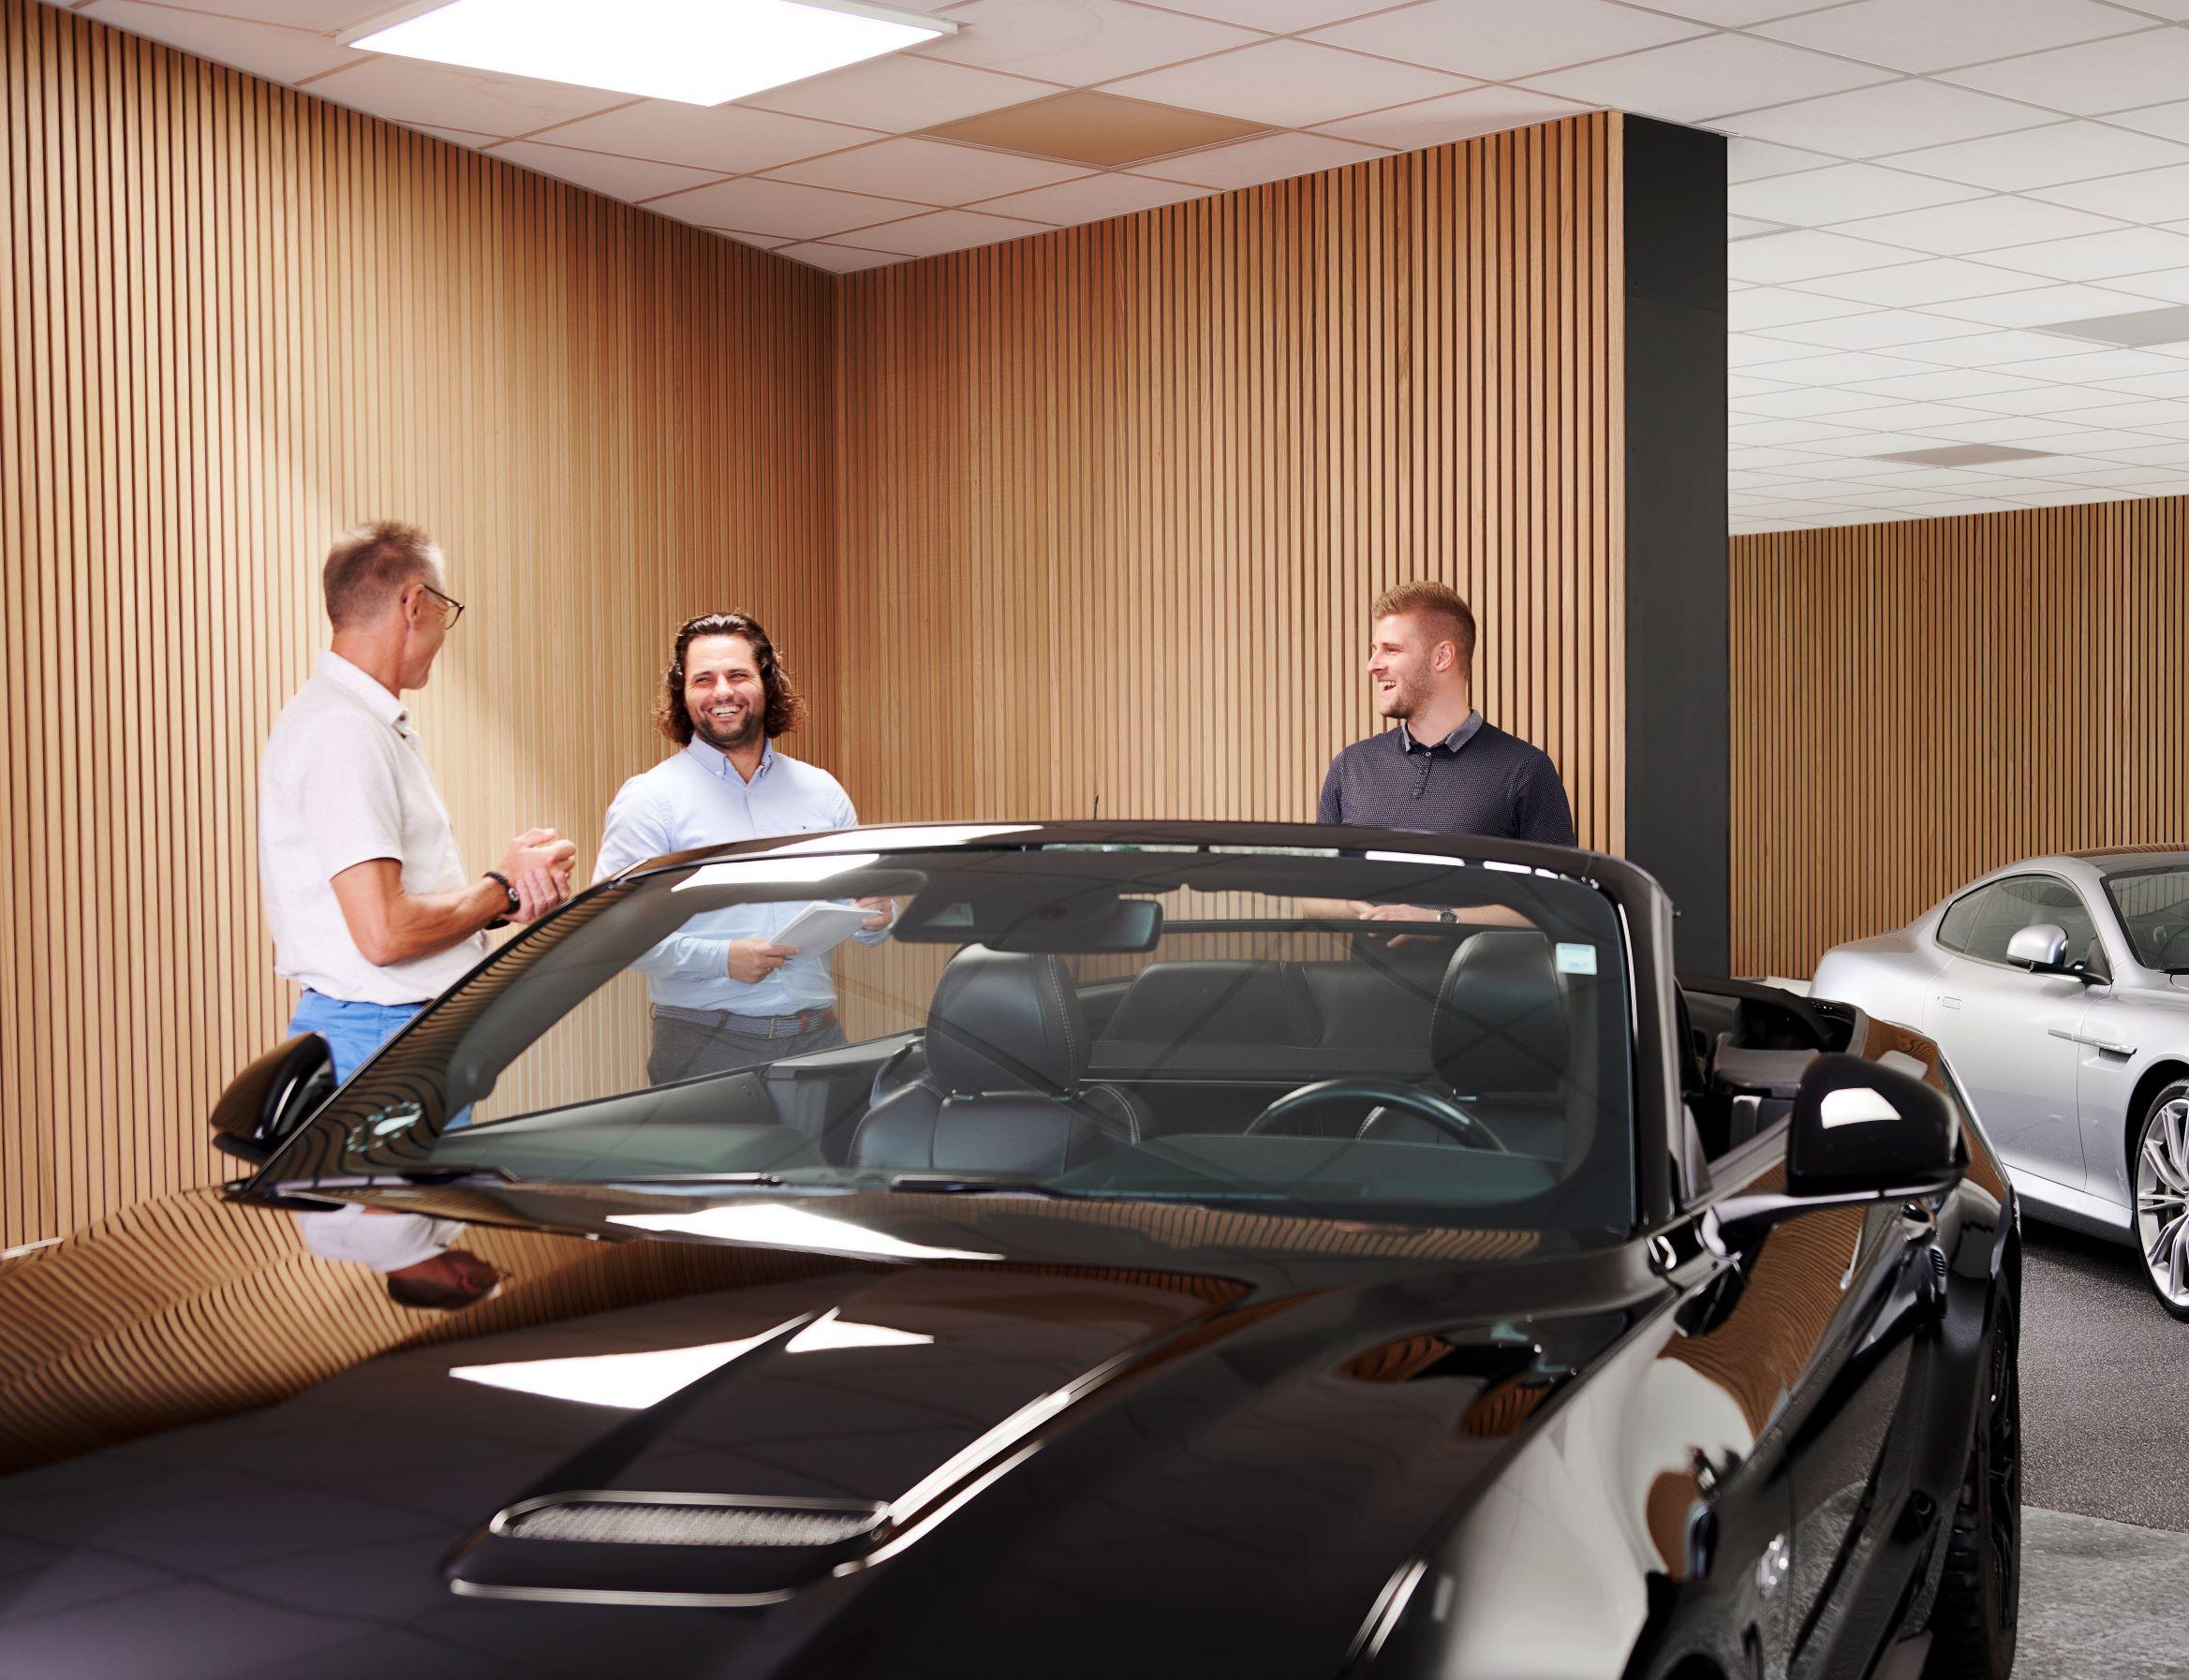 3 rådgivere står og snakker ved siden af bil